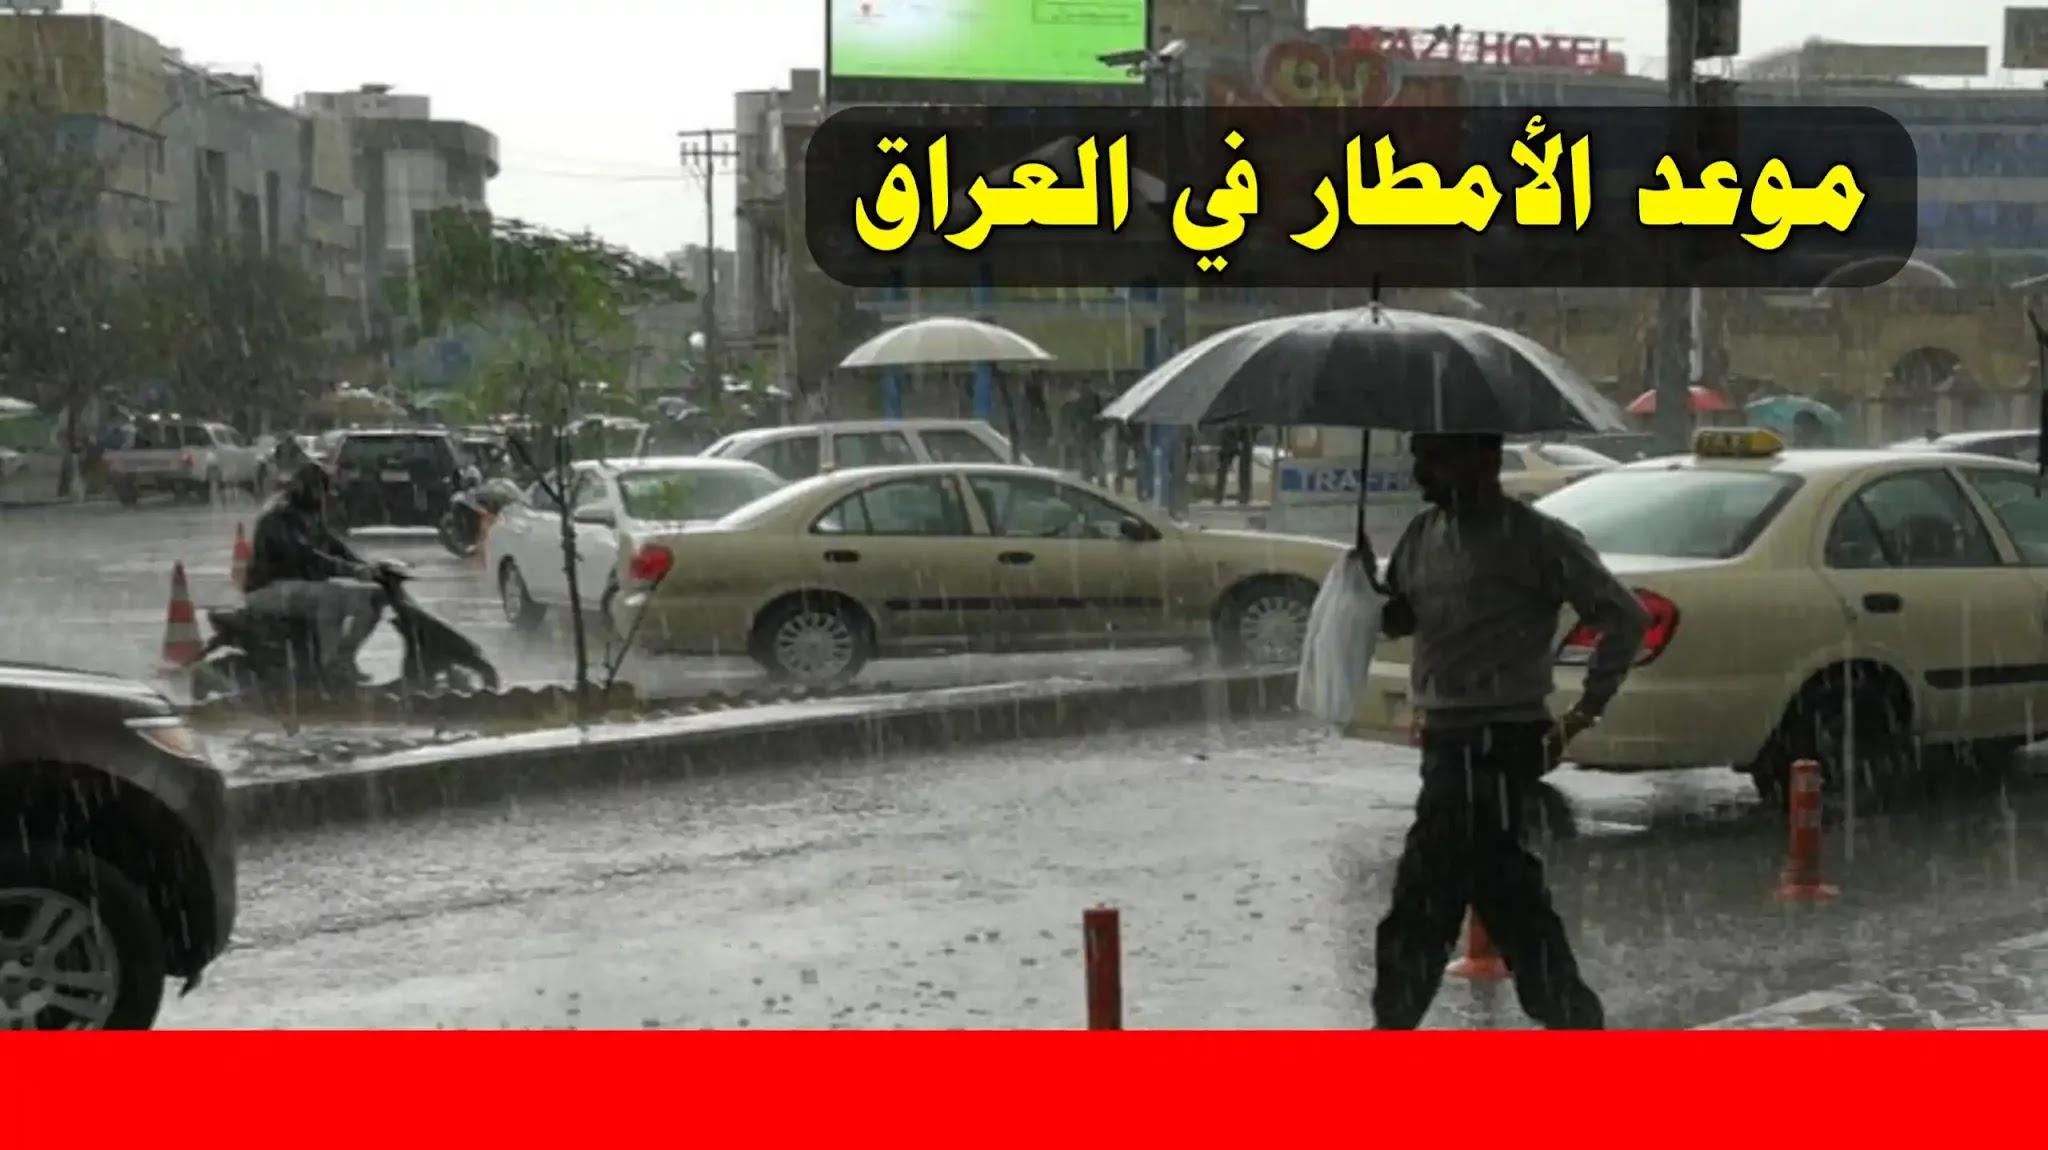 الأنواء الجوية تتوقع موعد تساقط الأمطار في العراق